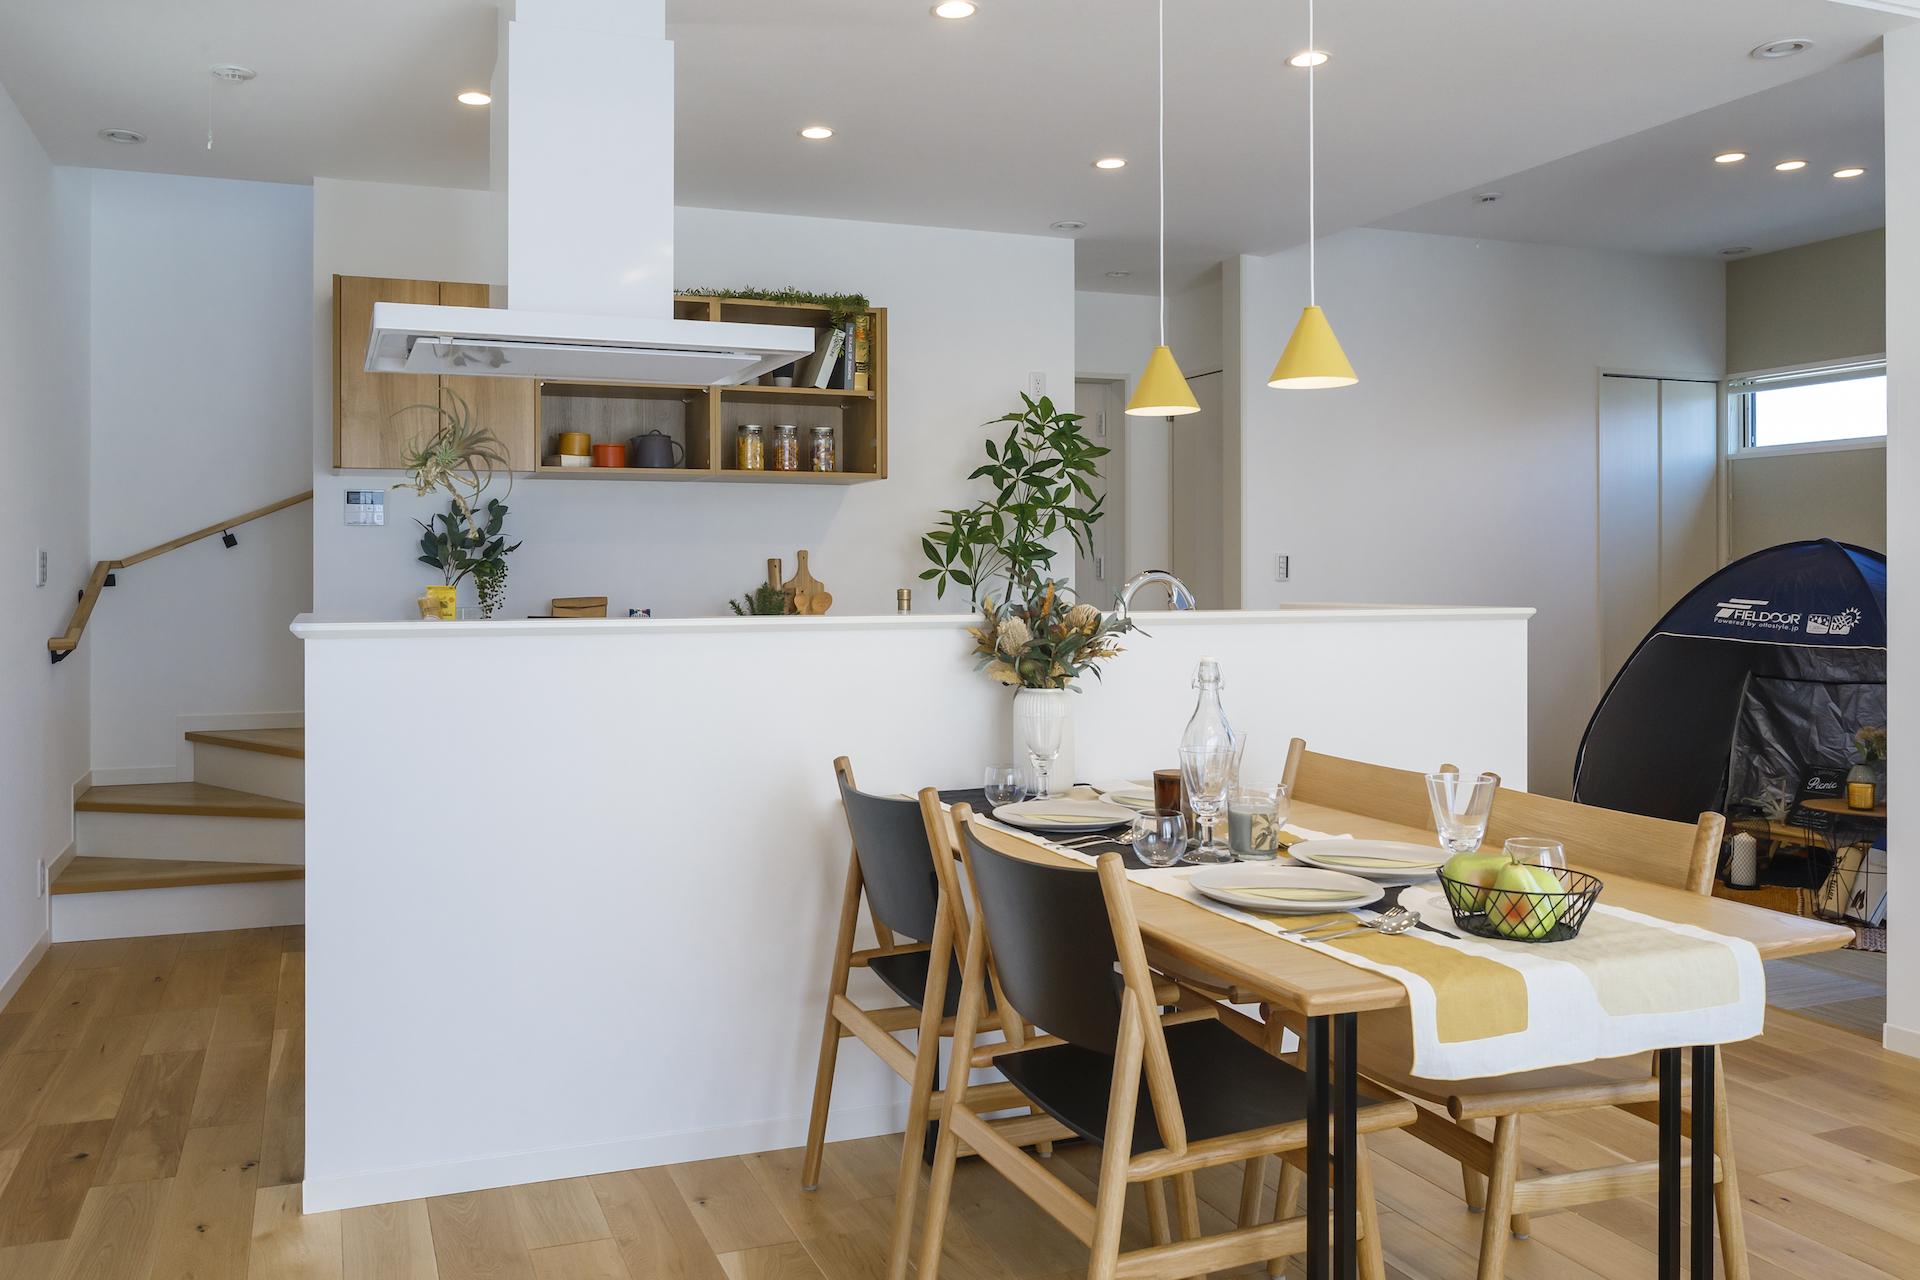 ミサワホーム静岡【デザイン住宅、収納力、インテリア】キッチンからはリビングダイニング、オープンタイプの和室が見渡せるので、家事をしながら家族の気配を感じ取れる